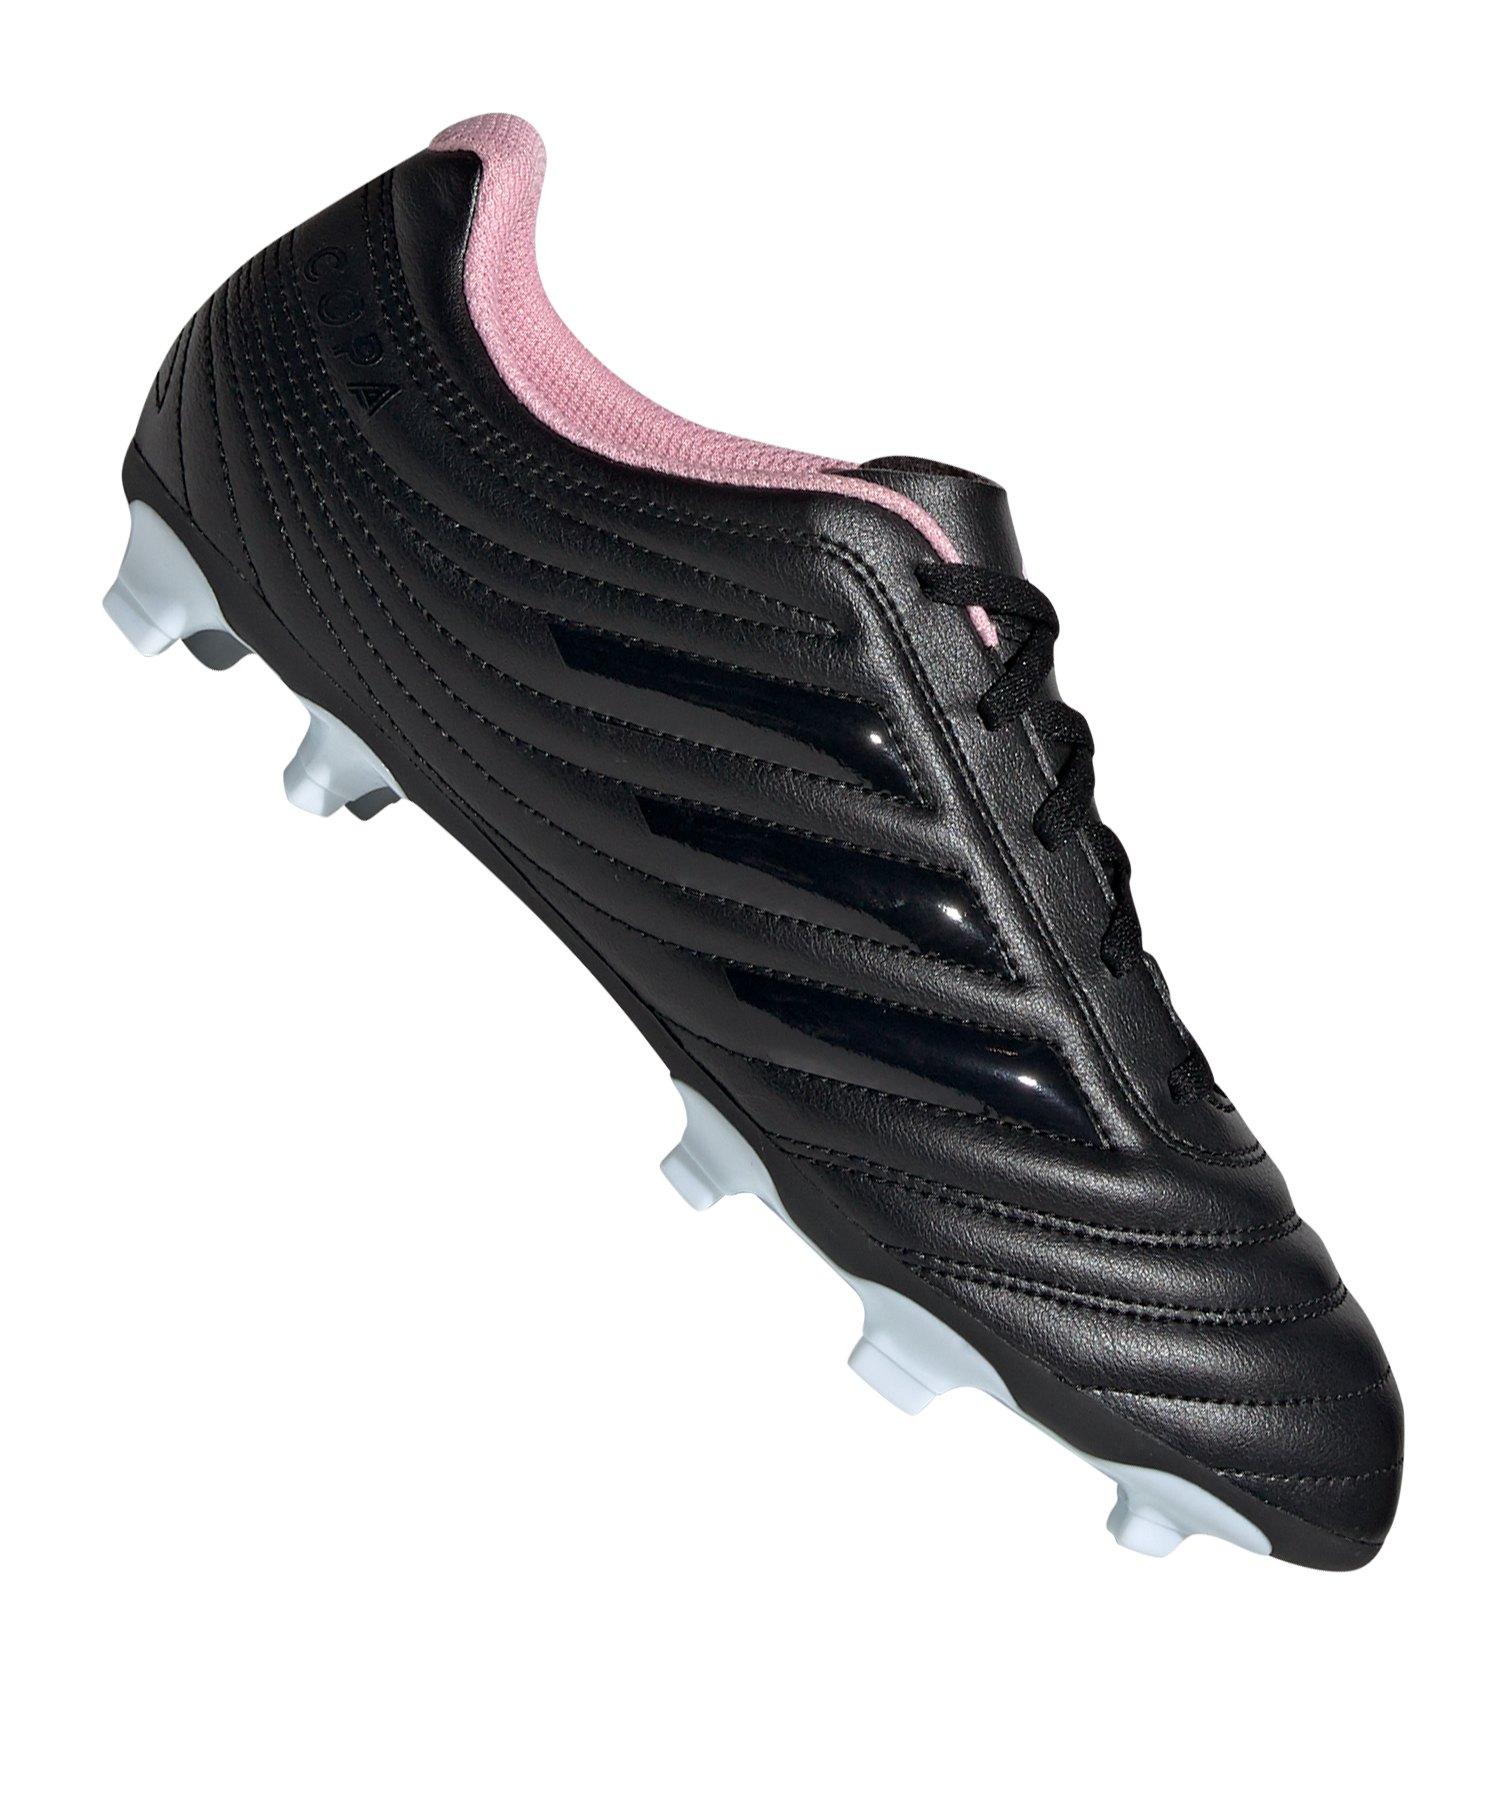 adidas COPA 19.4 FG Damen Schwarz Pink - schwarz